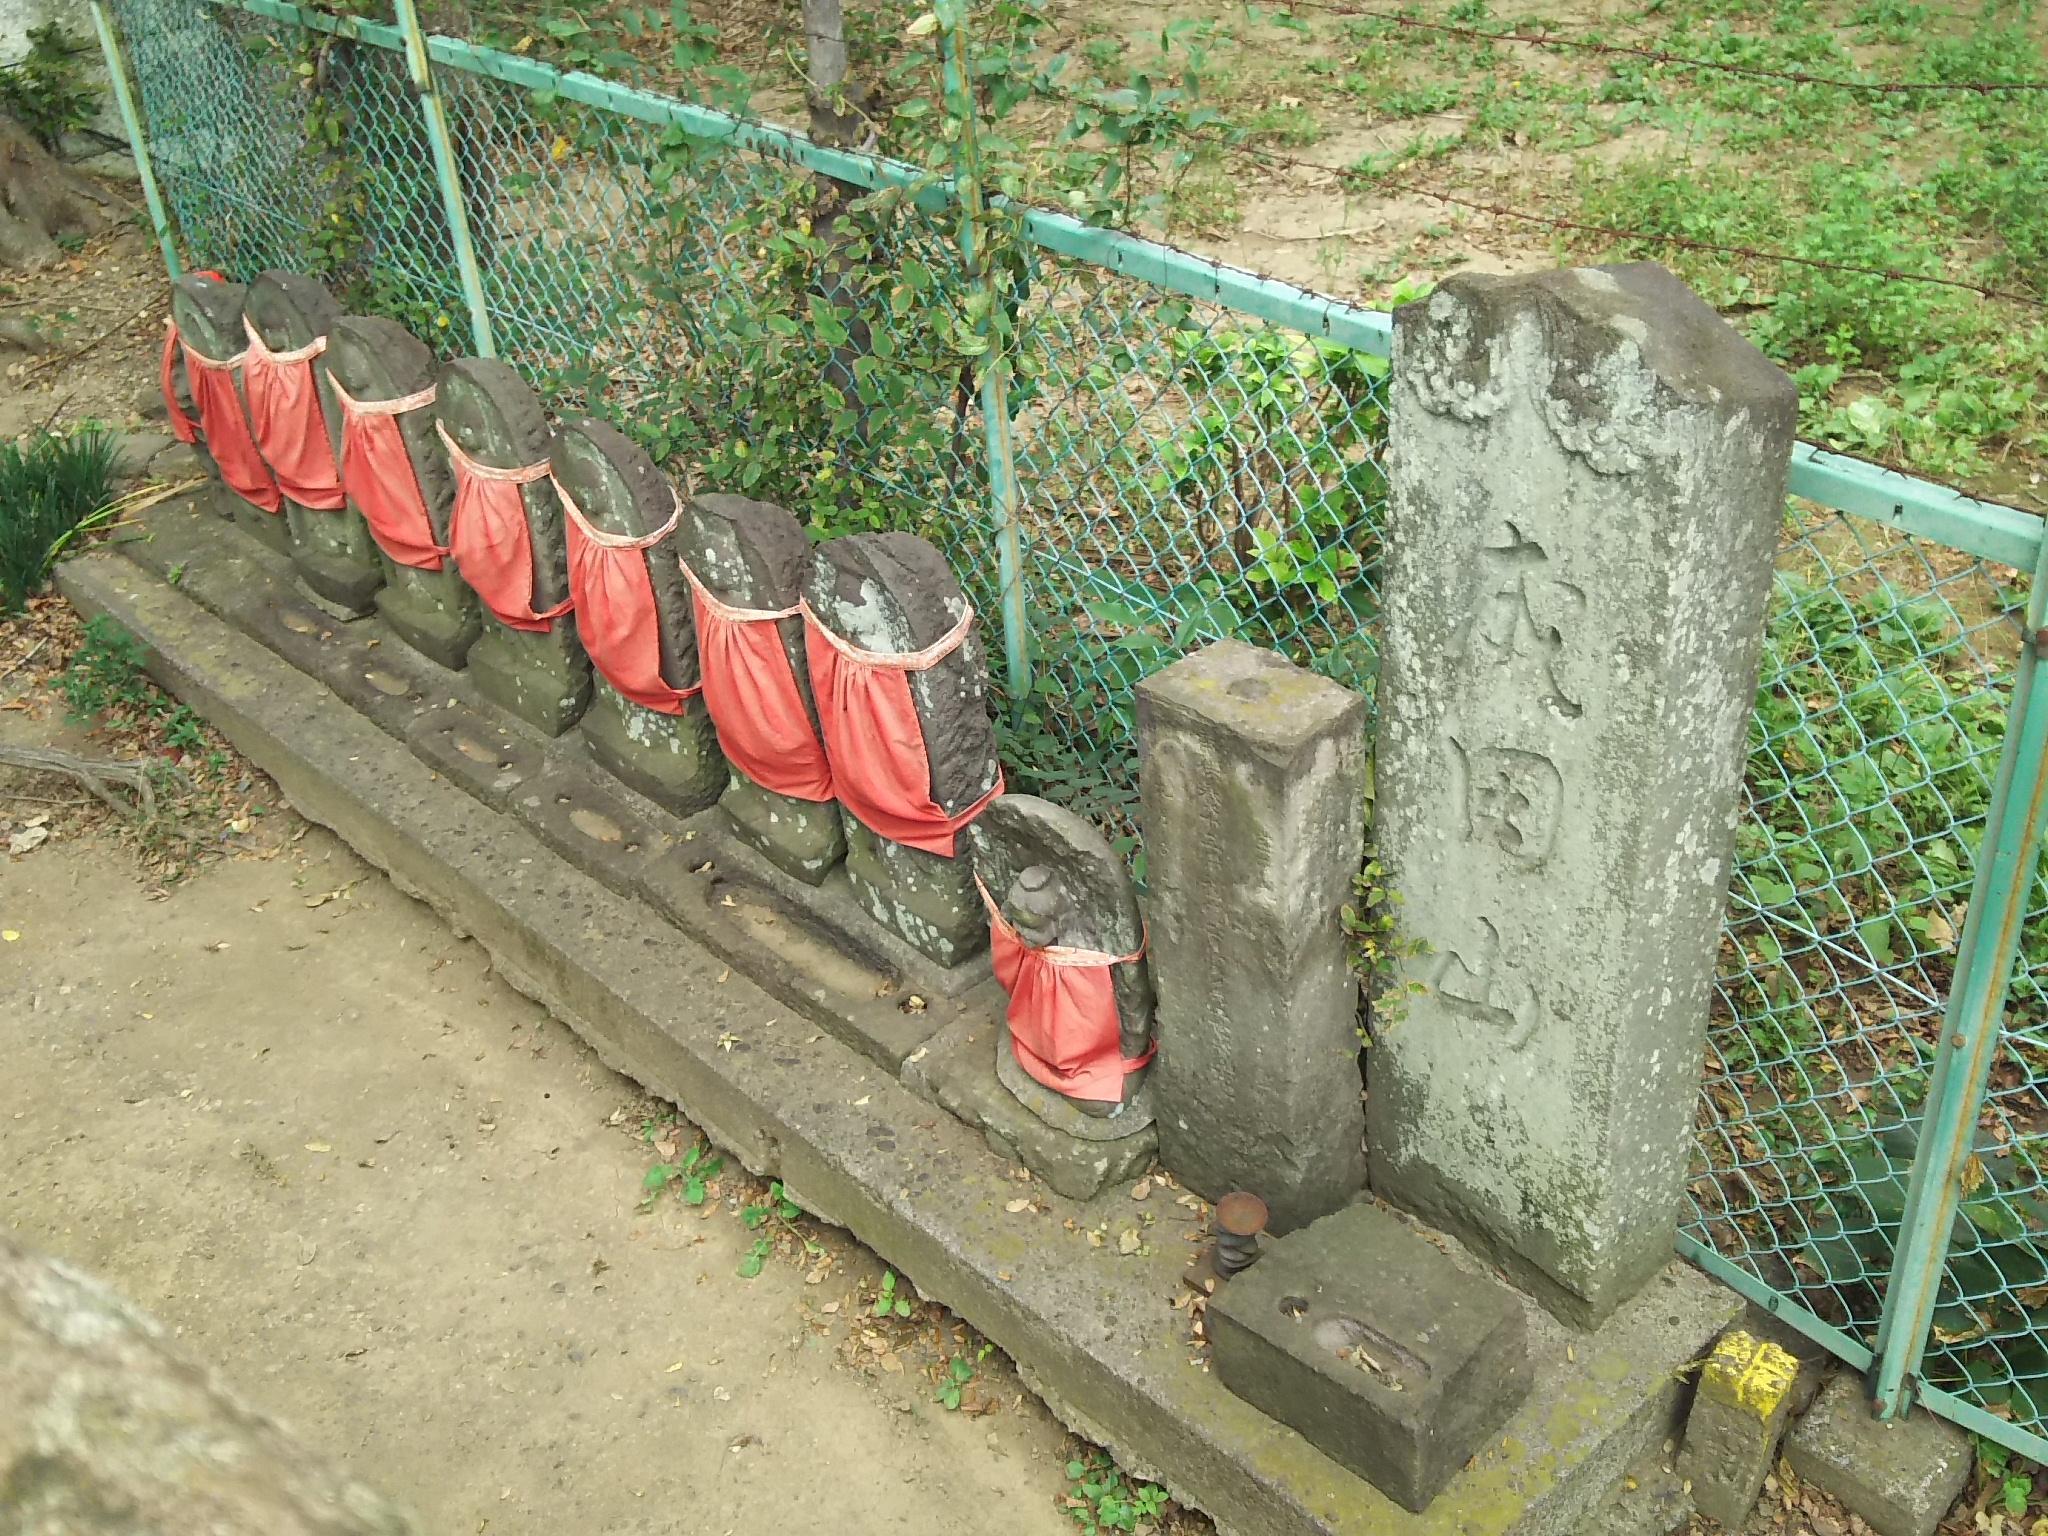 愛宕神社(蒲生一里塚)の境内・文化財